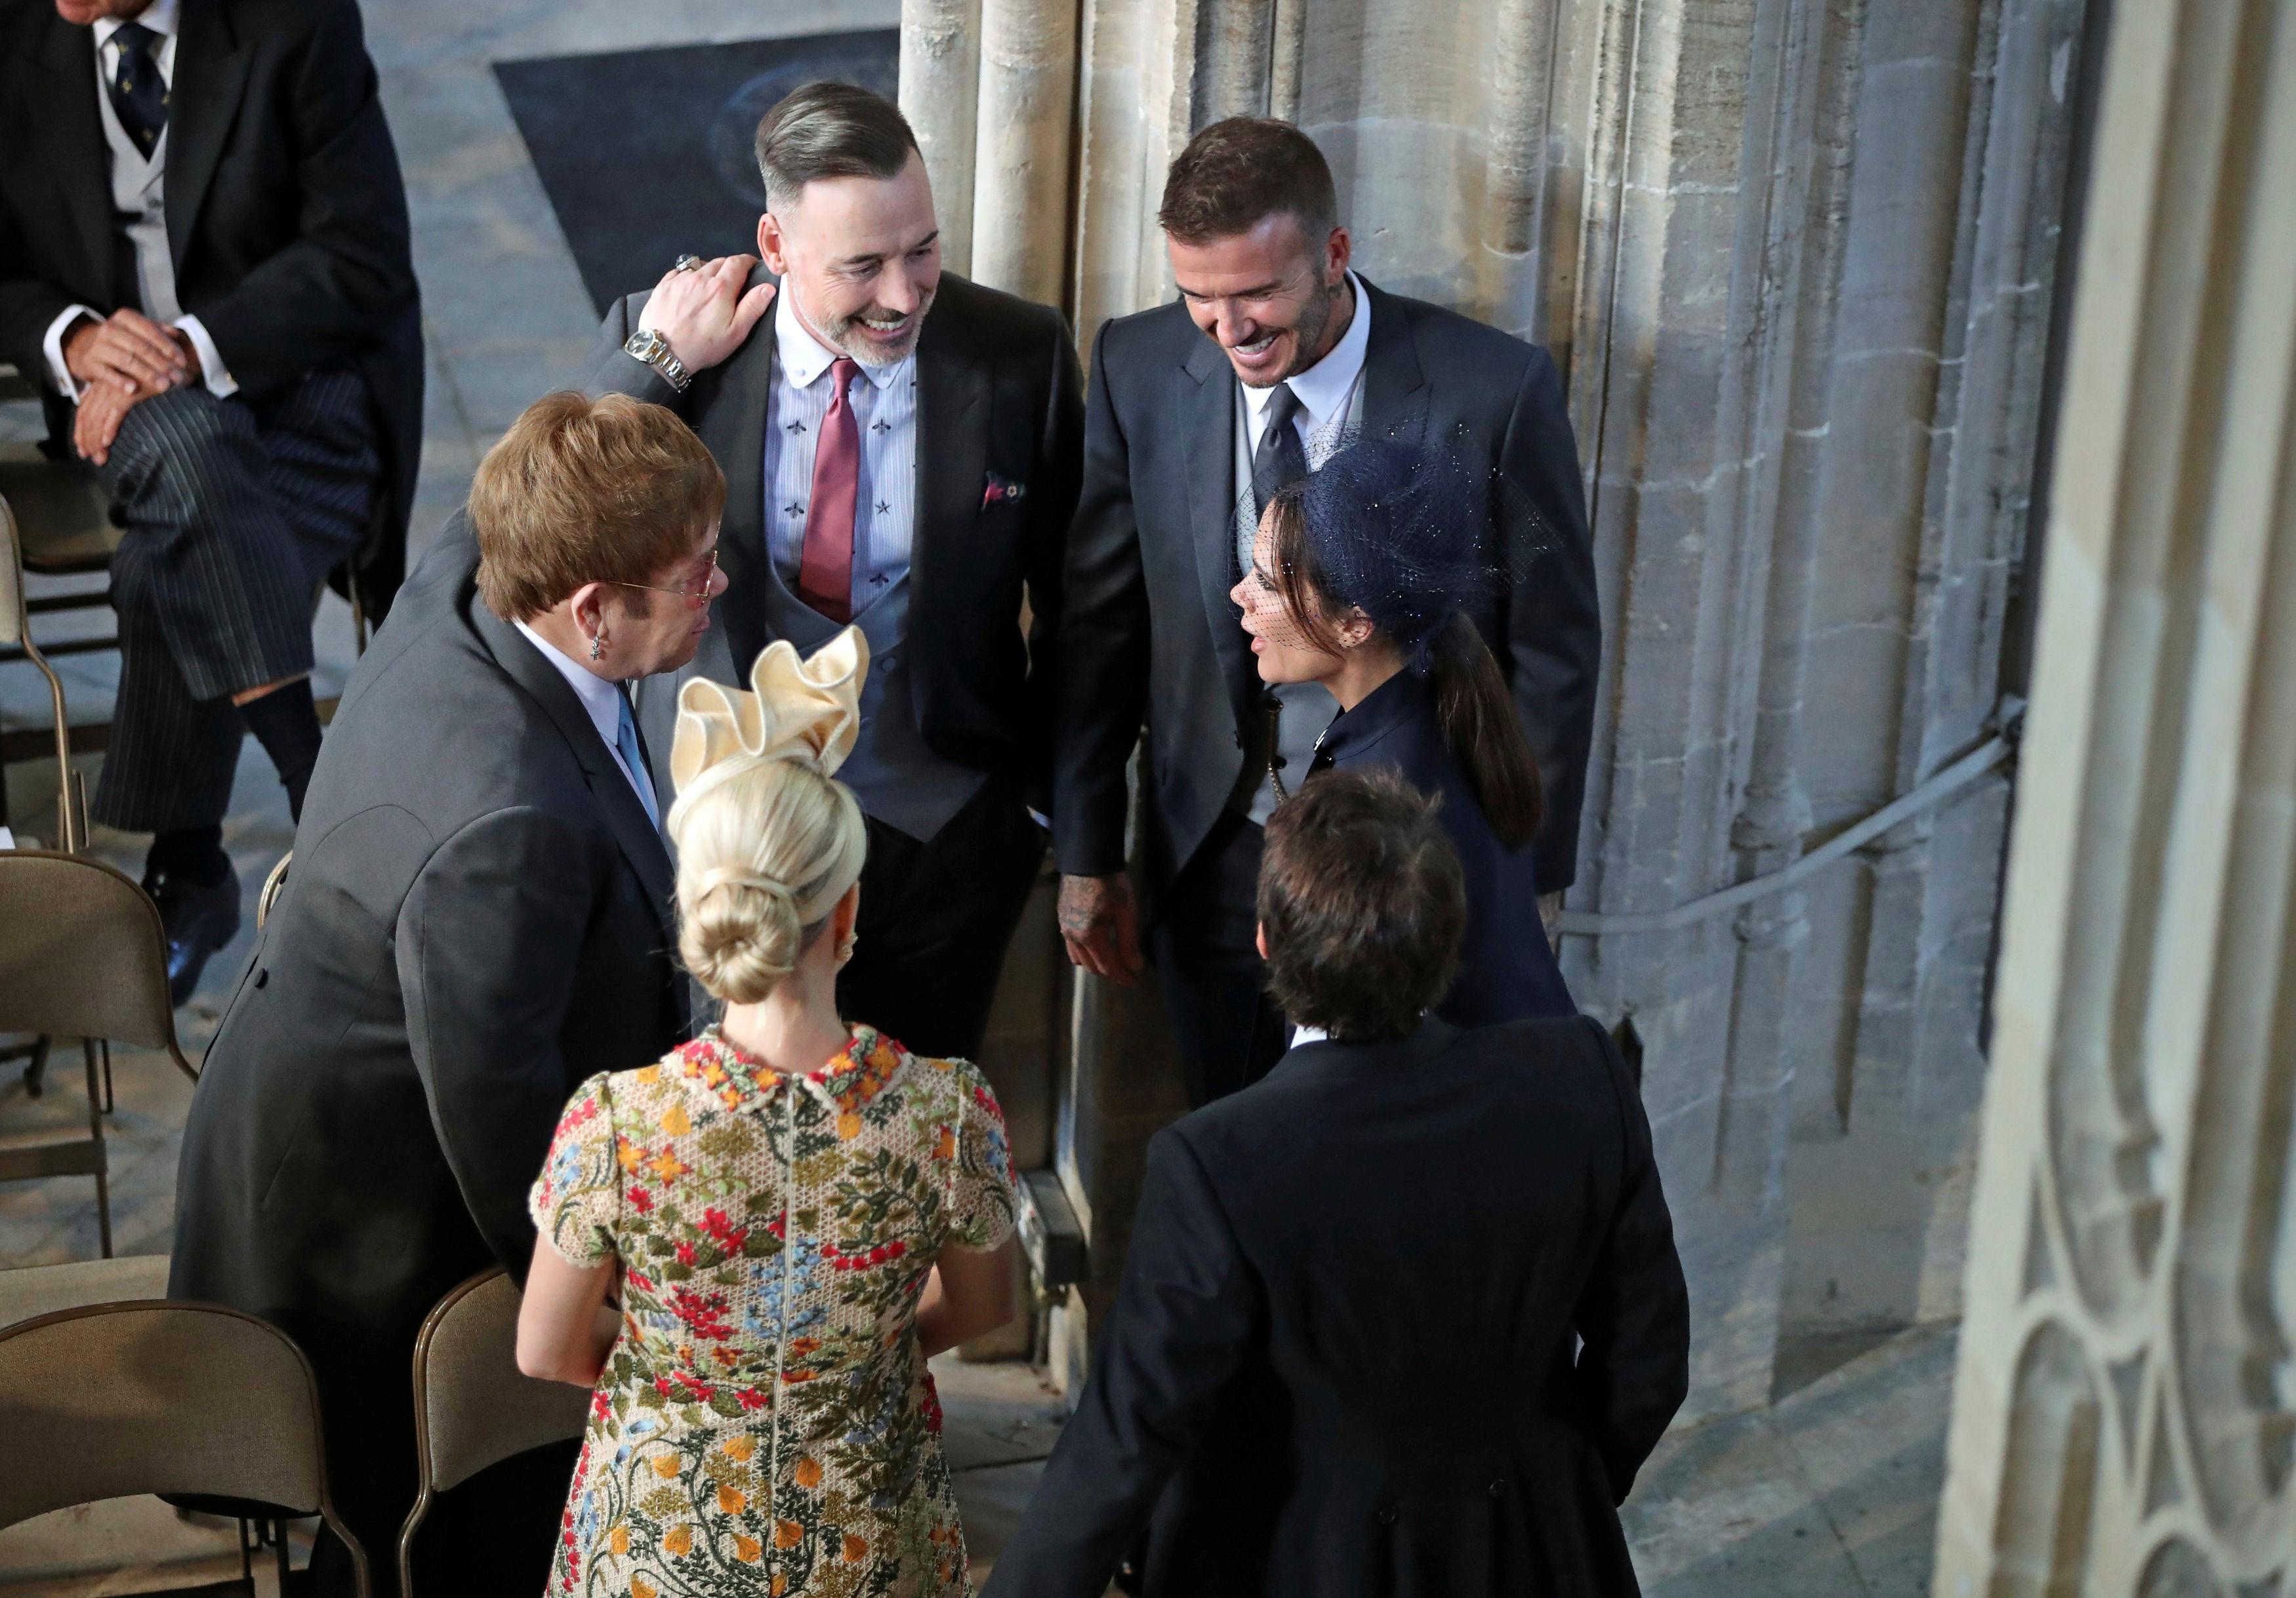 El beso en la boca entre David Beckhahm y Elton John fue el segundo más viral de la boda real.